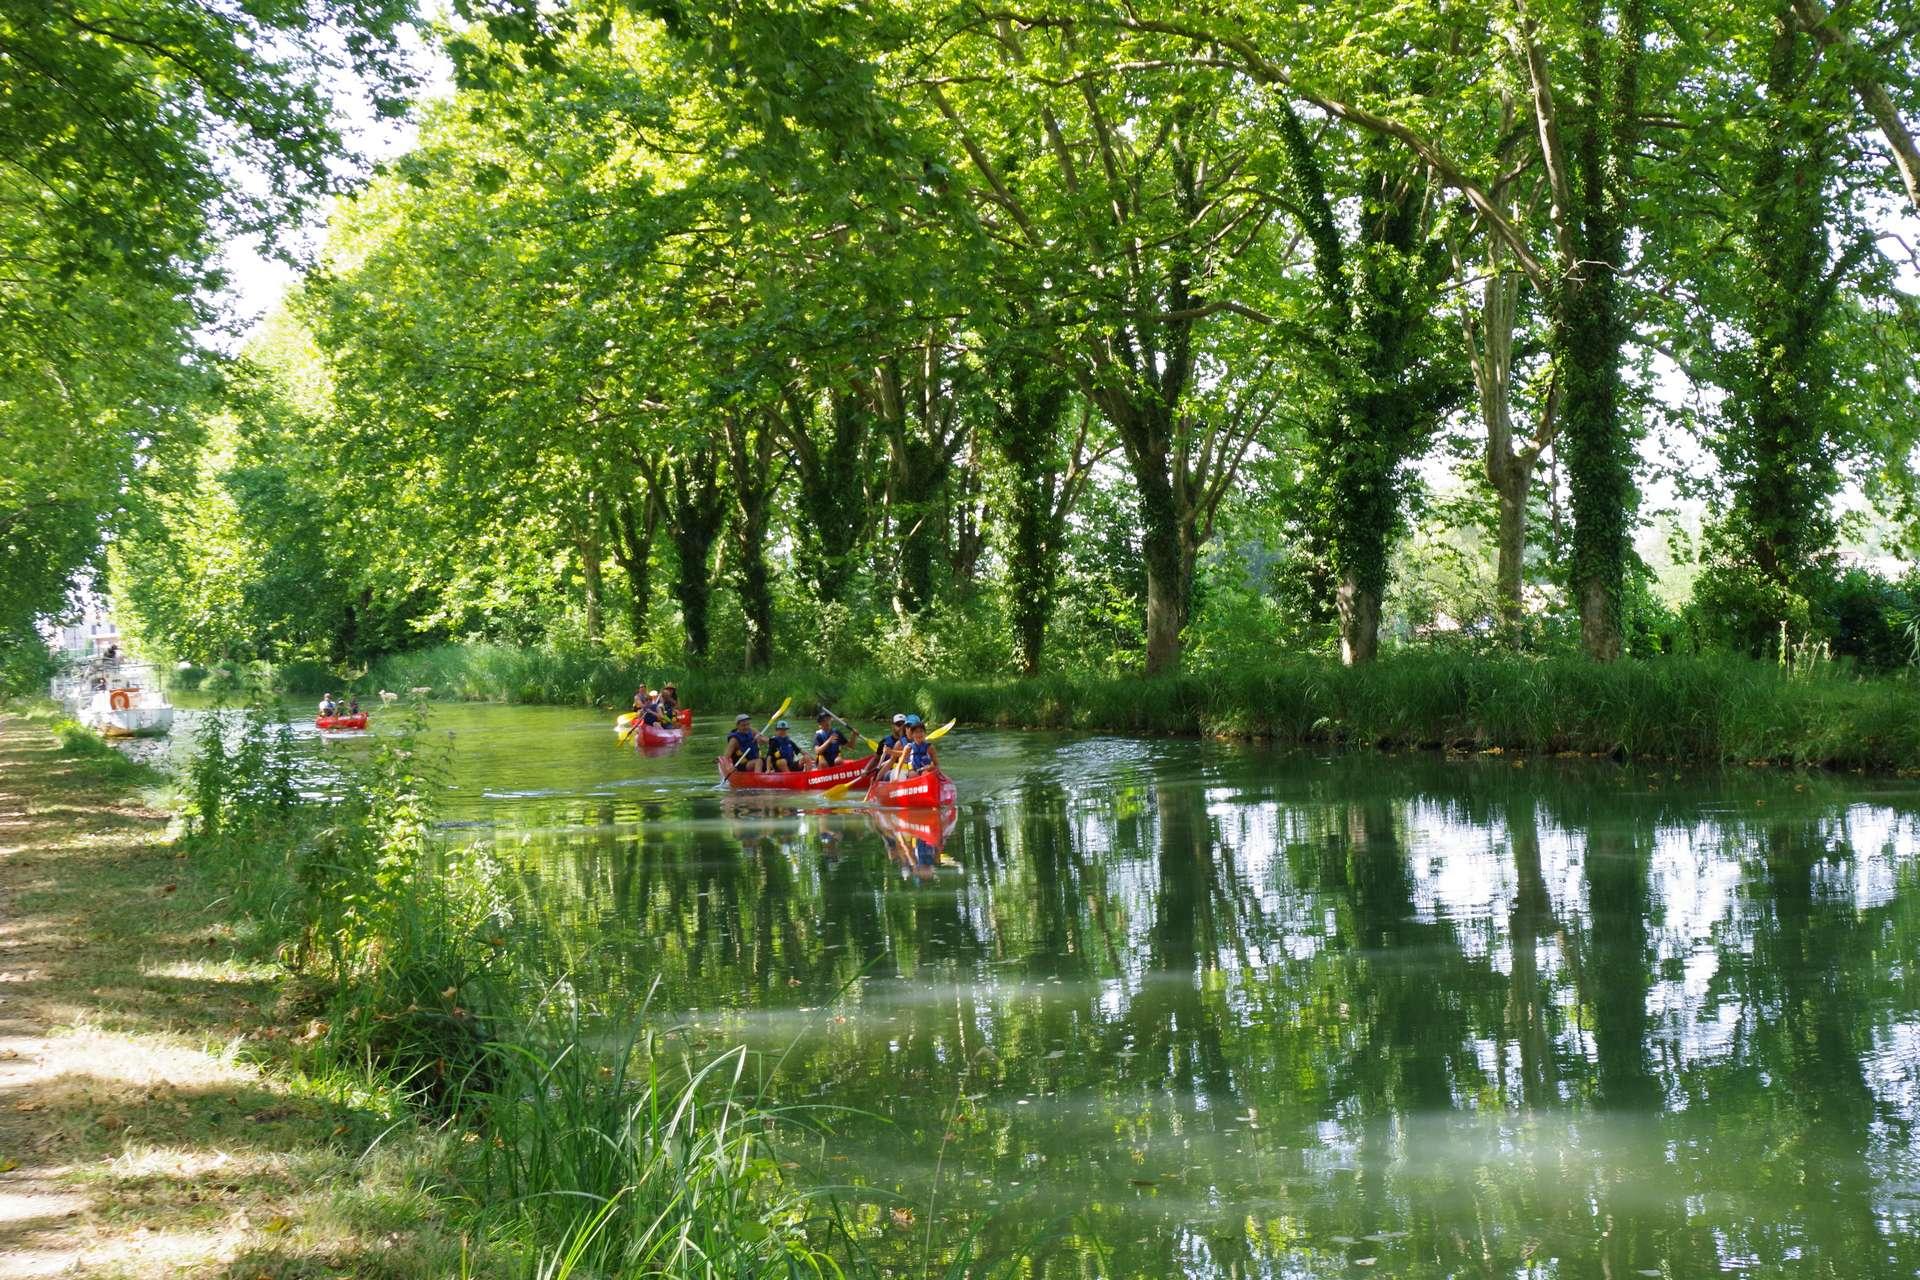 journee canoe en famille